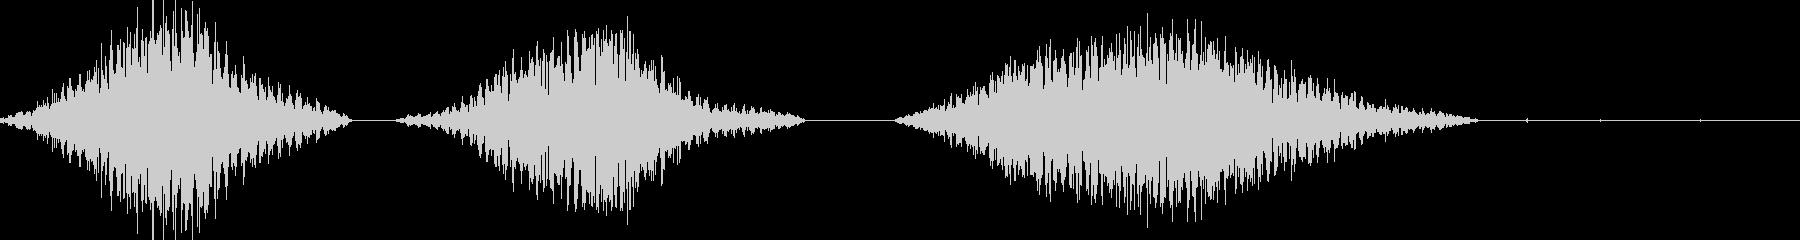 スターシップワープバイスx3の未再生の波形